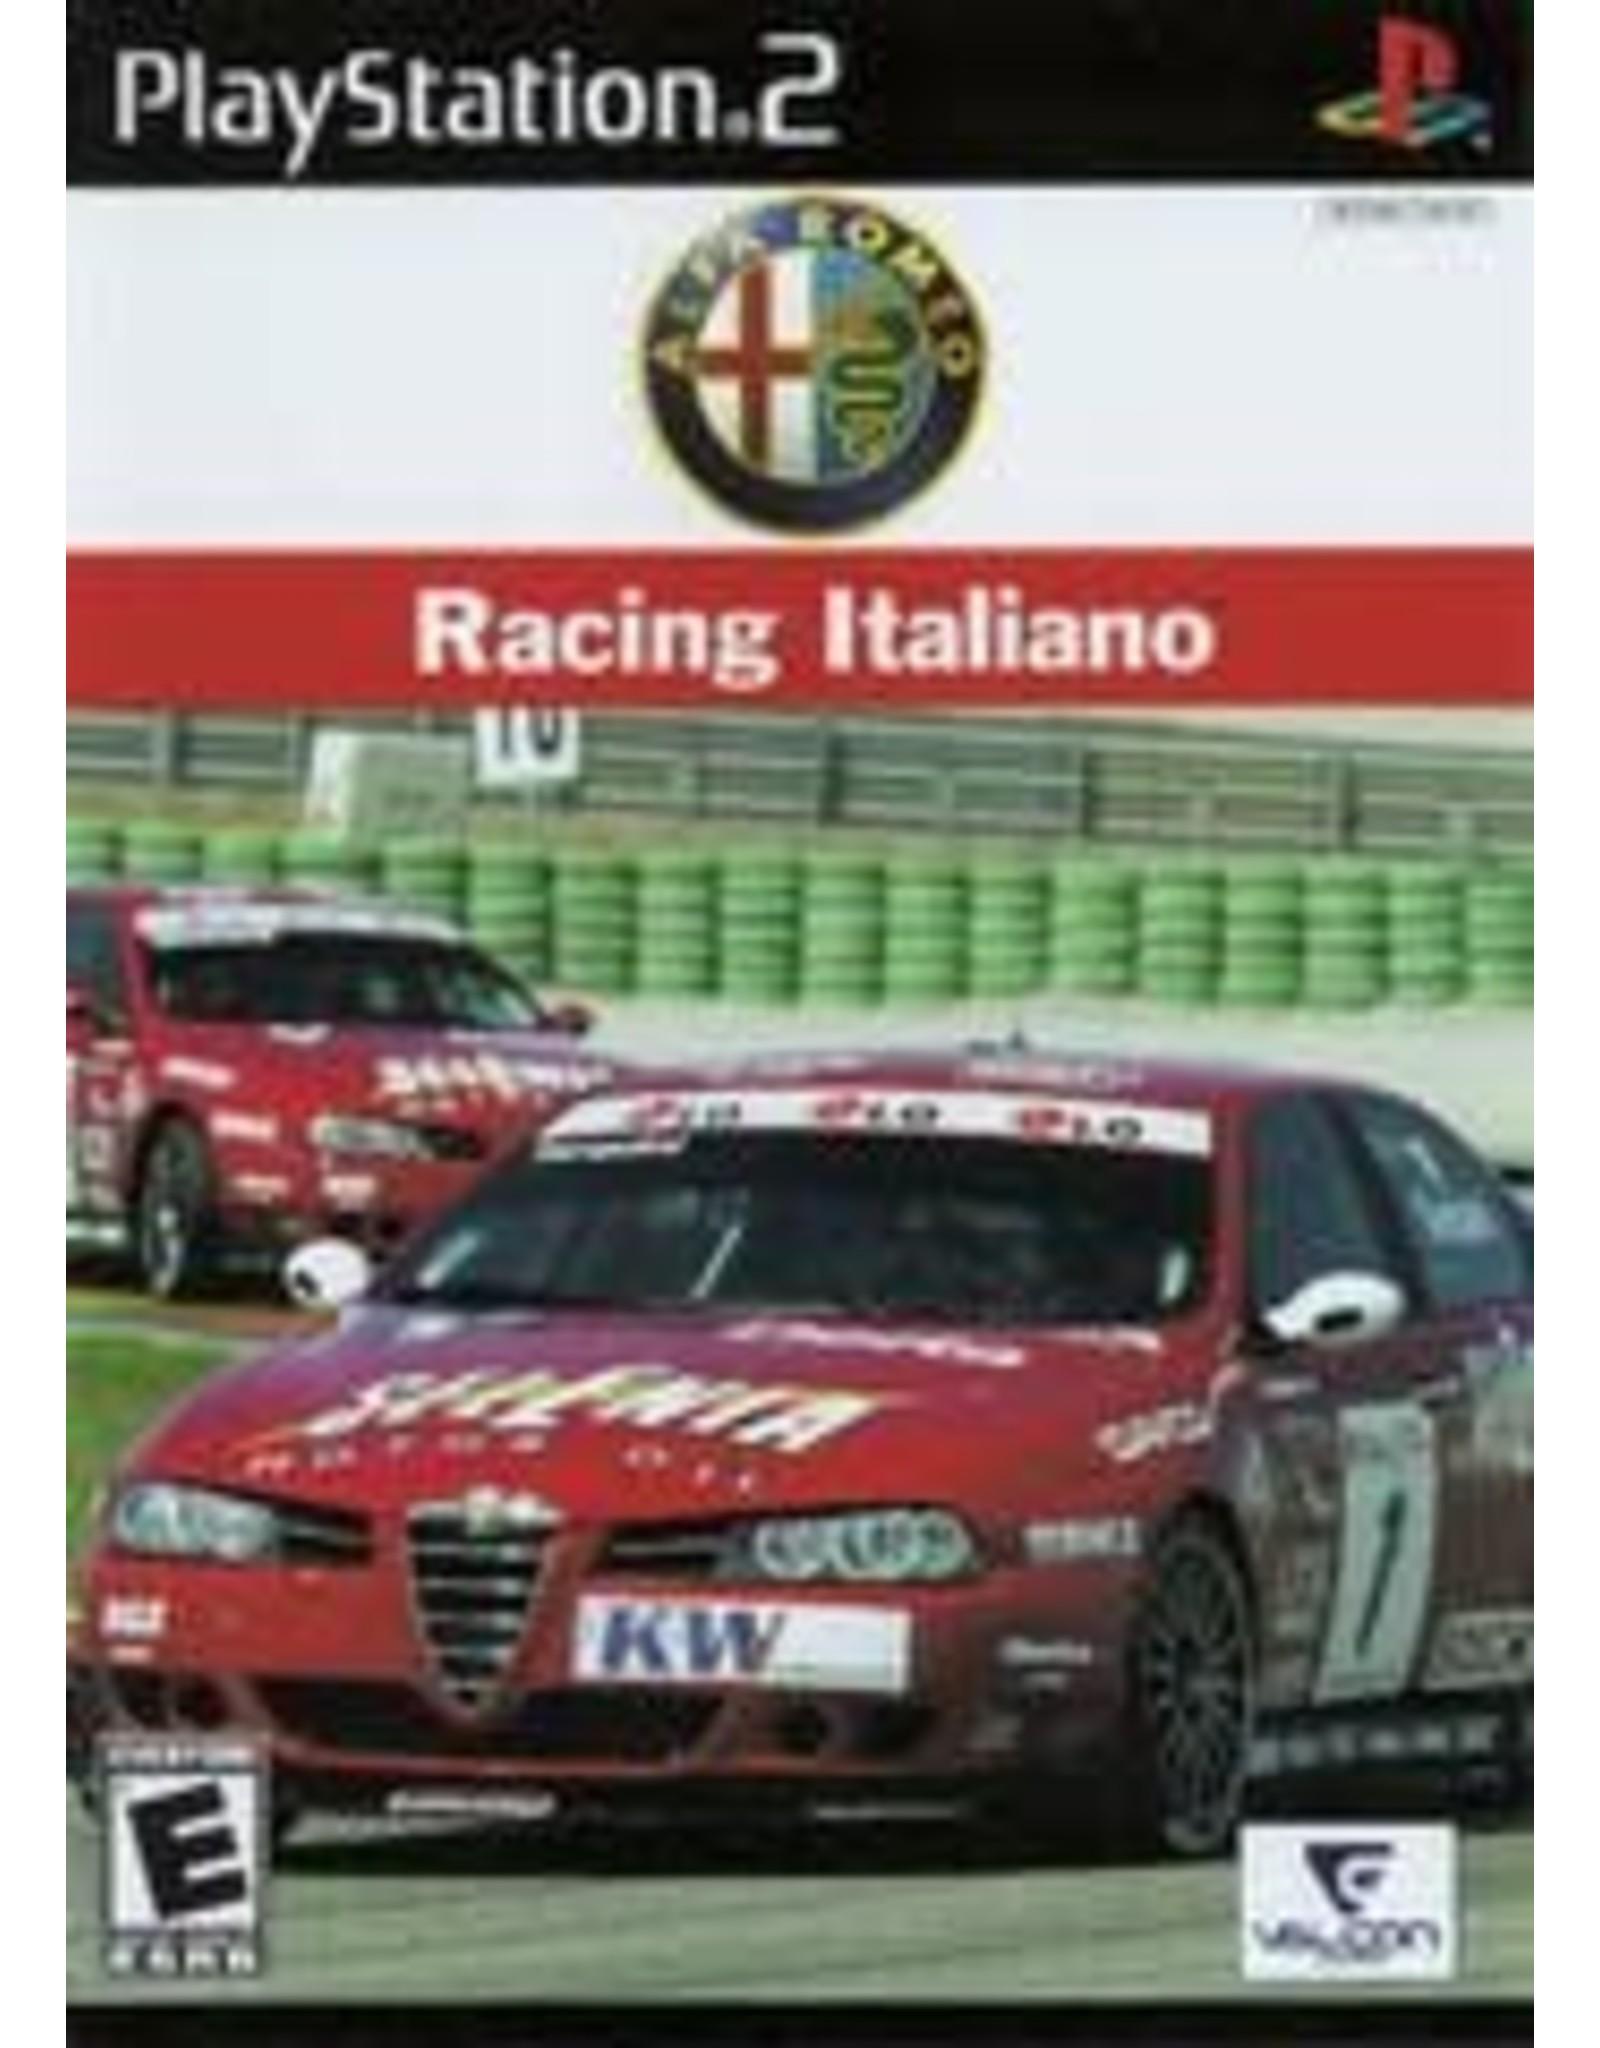 Playstation 2 Alfa Romeo Racing Italiano (CiB)